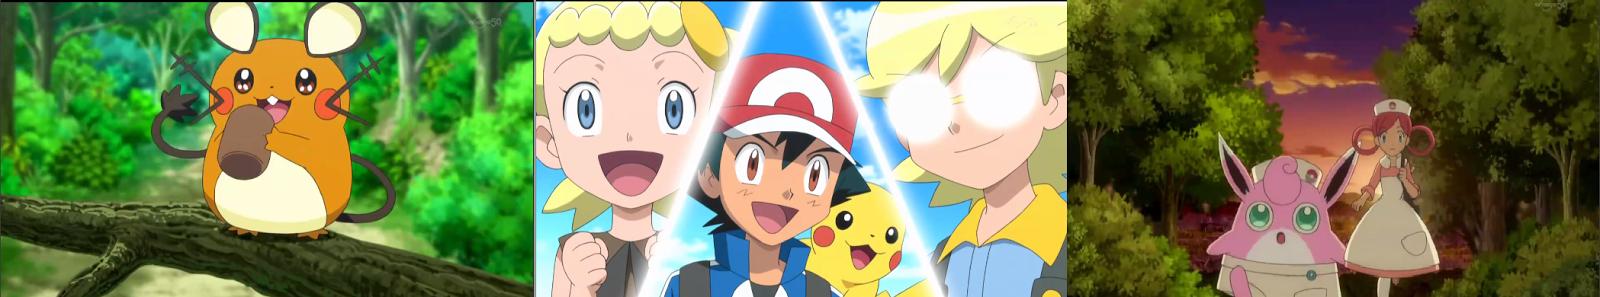 Pokémon  - Capítulo 4 - Temporada 17 - Audio Latino